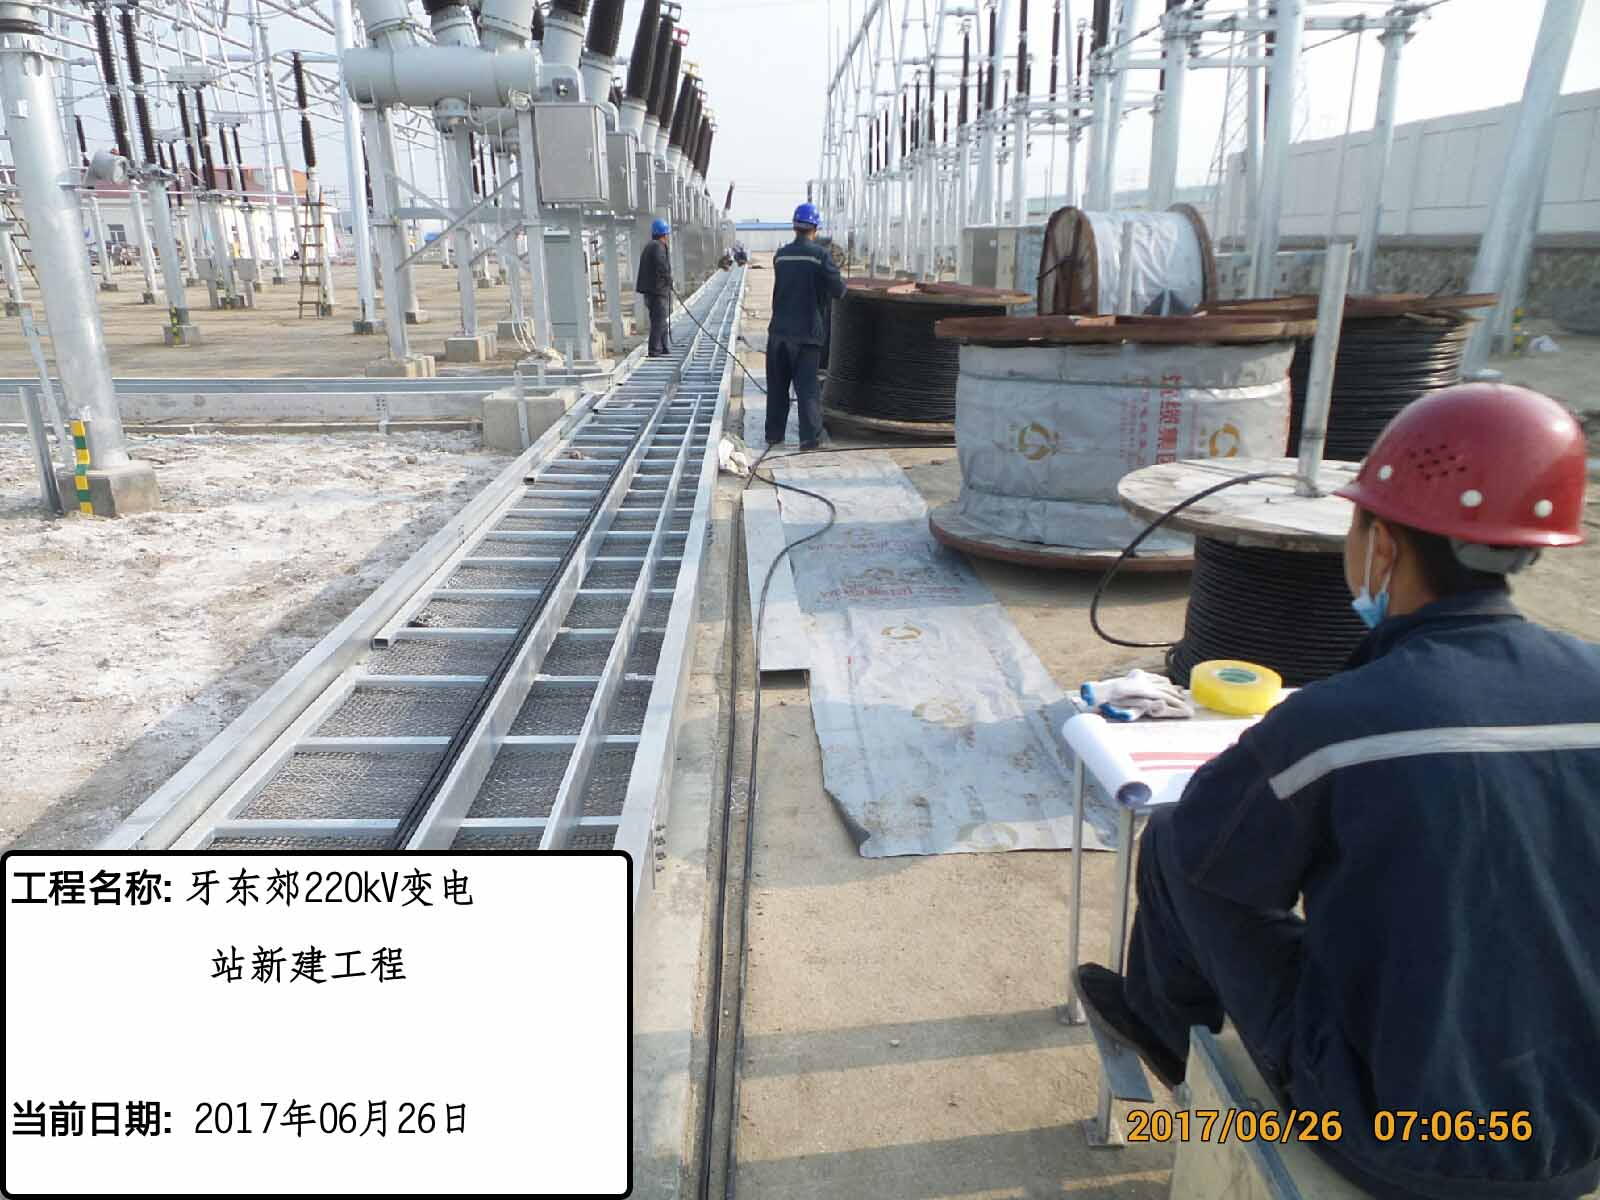 牙東郊220kV變電站新建工程